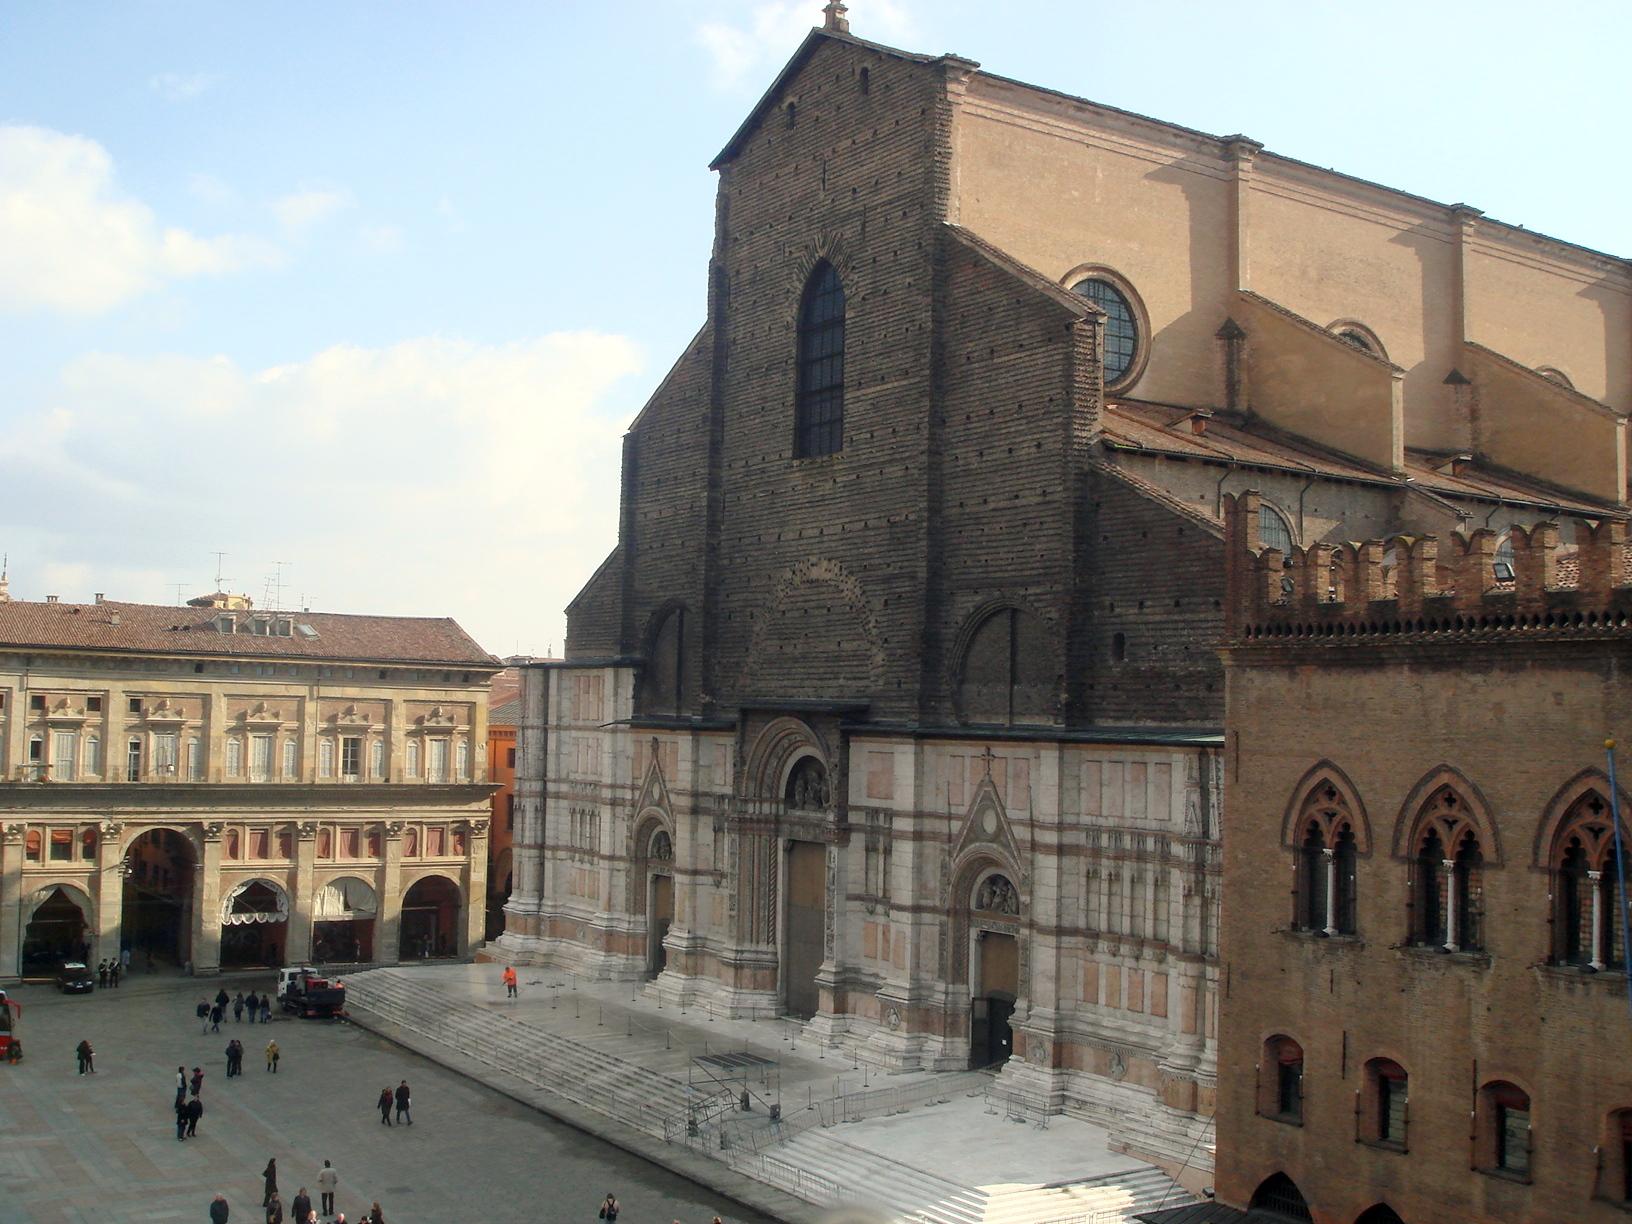 Uno de los observatorios solares más exactos de la época fue construido en la Basílica de San Petronio, en Boloña. Foto de Giovanni Dall'Orto.